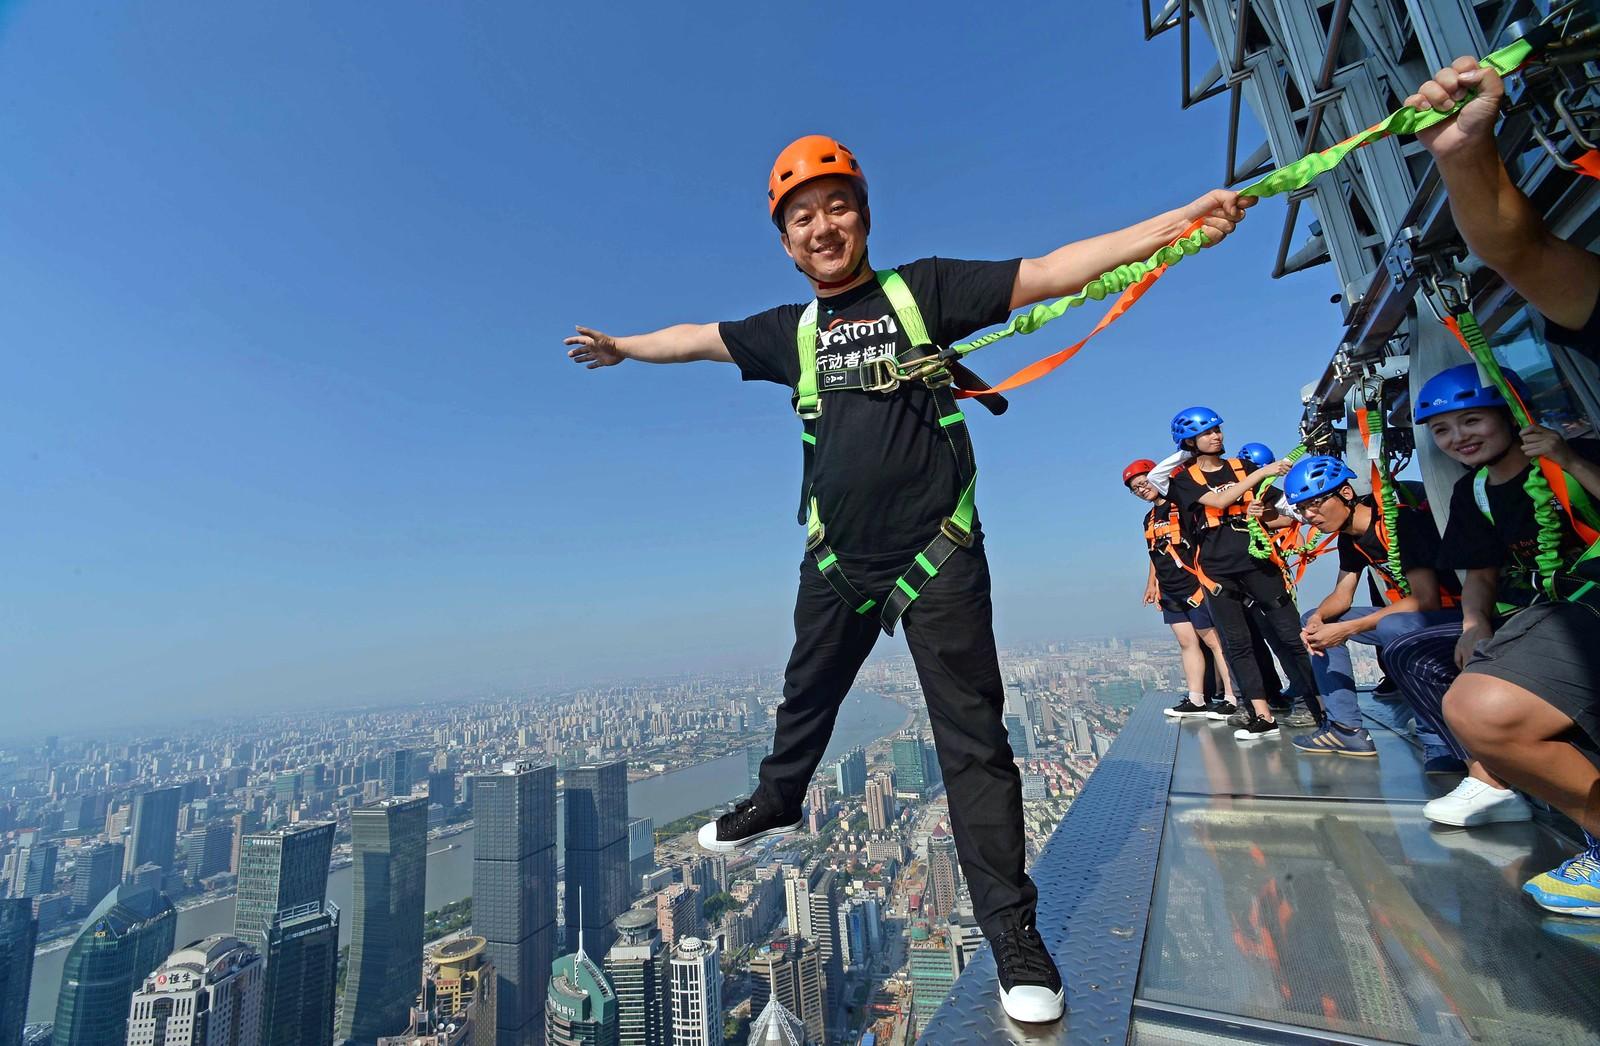 En attraksjon for de uten høydeskrekk. De er på den 88. etasjen på Jin Mao-tårnet i Shanghai, 340 meter over bakken.